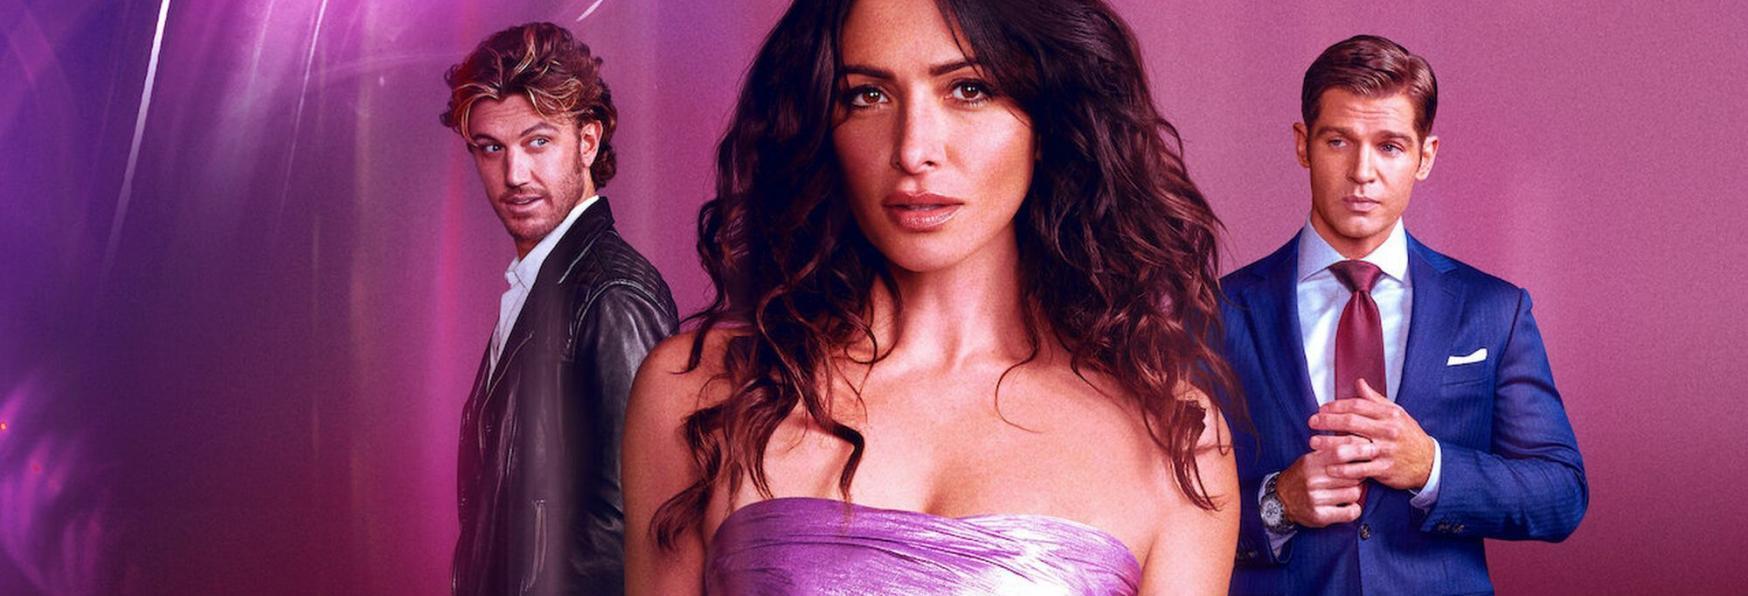 Sex/Life: la nostra Recensione dell'intrigante Serie TV da poco uscita su Netflix